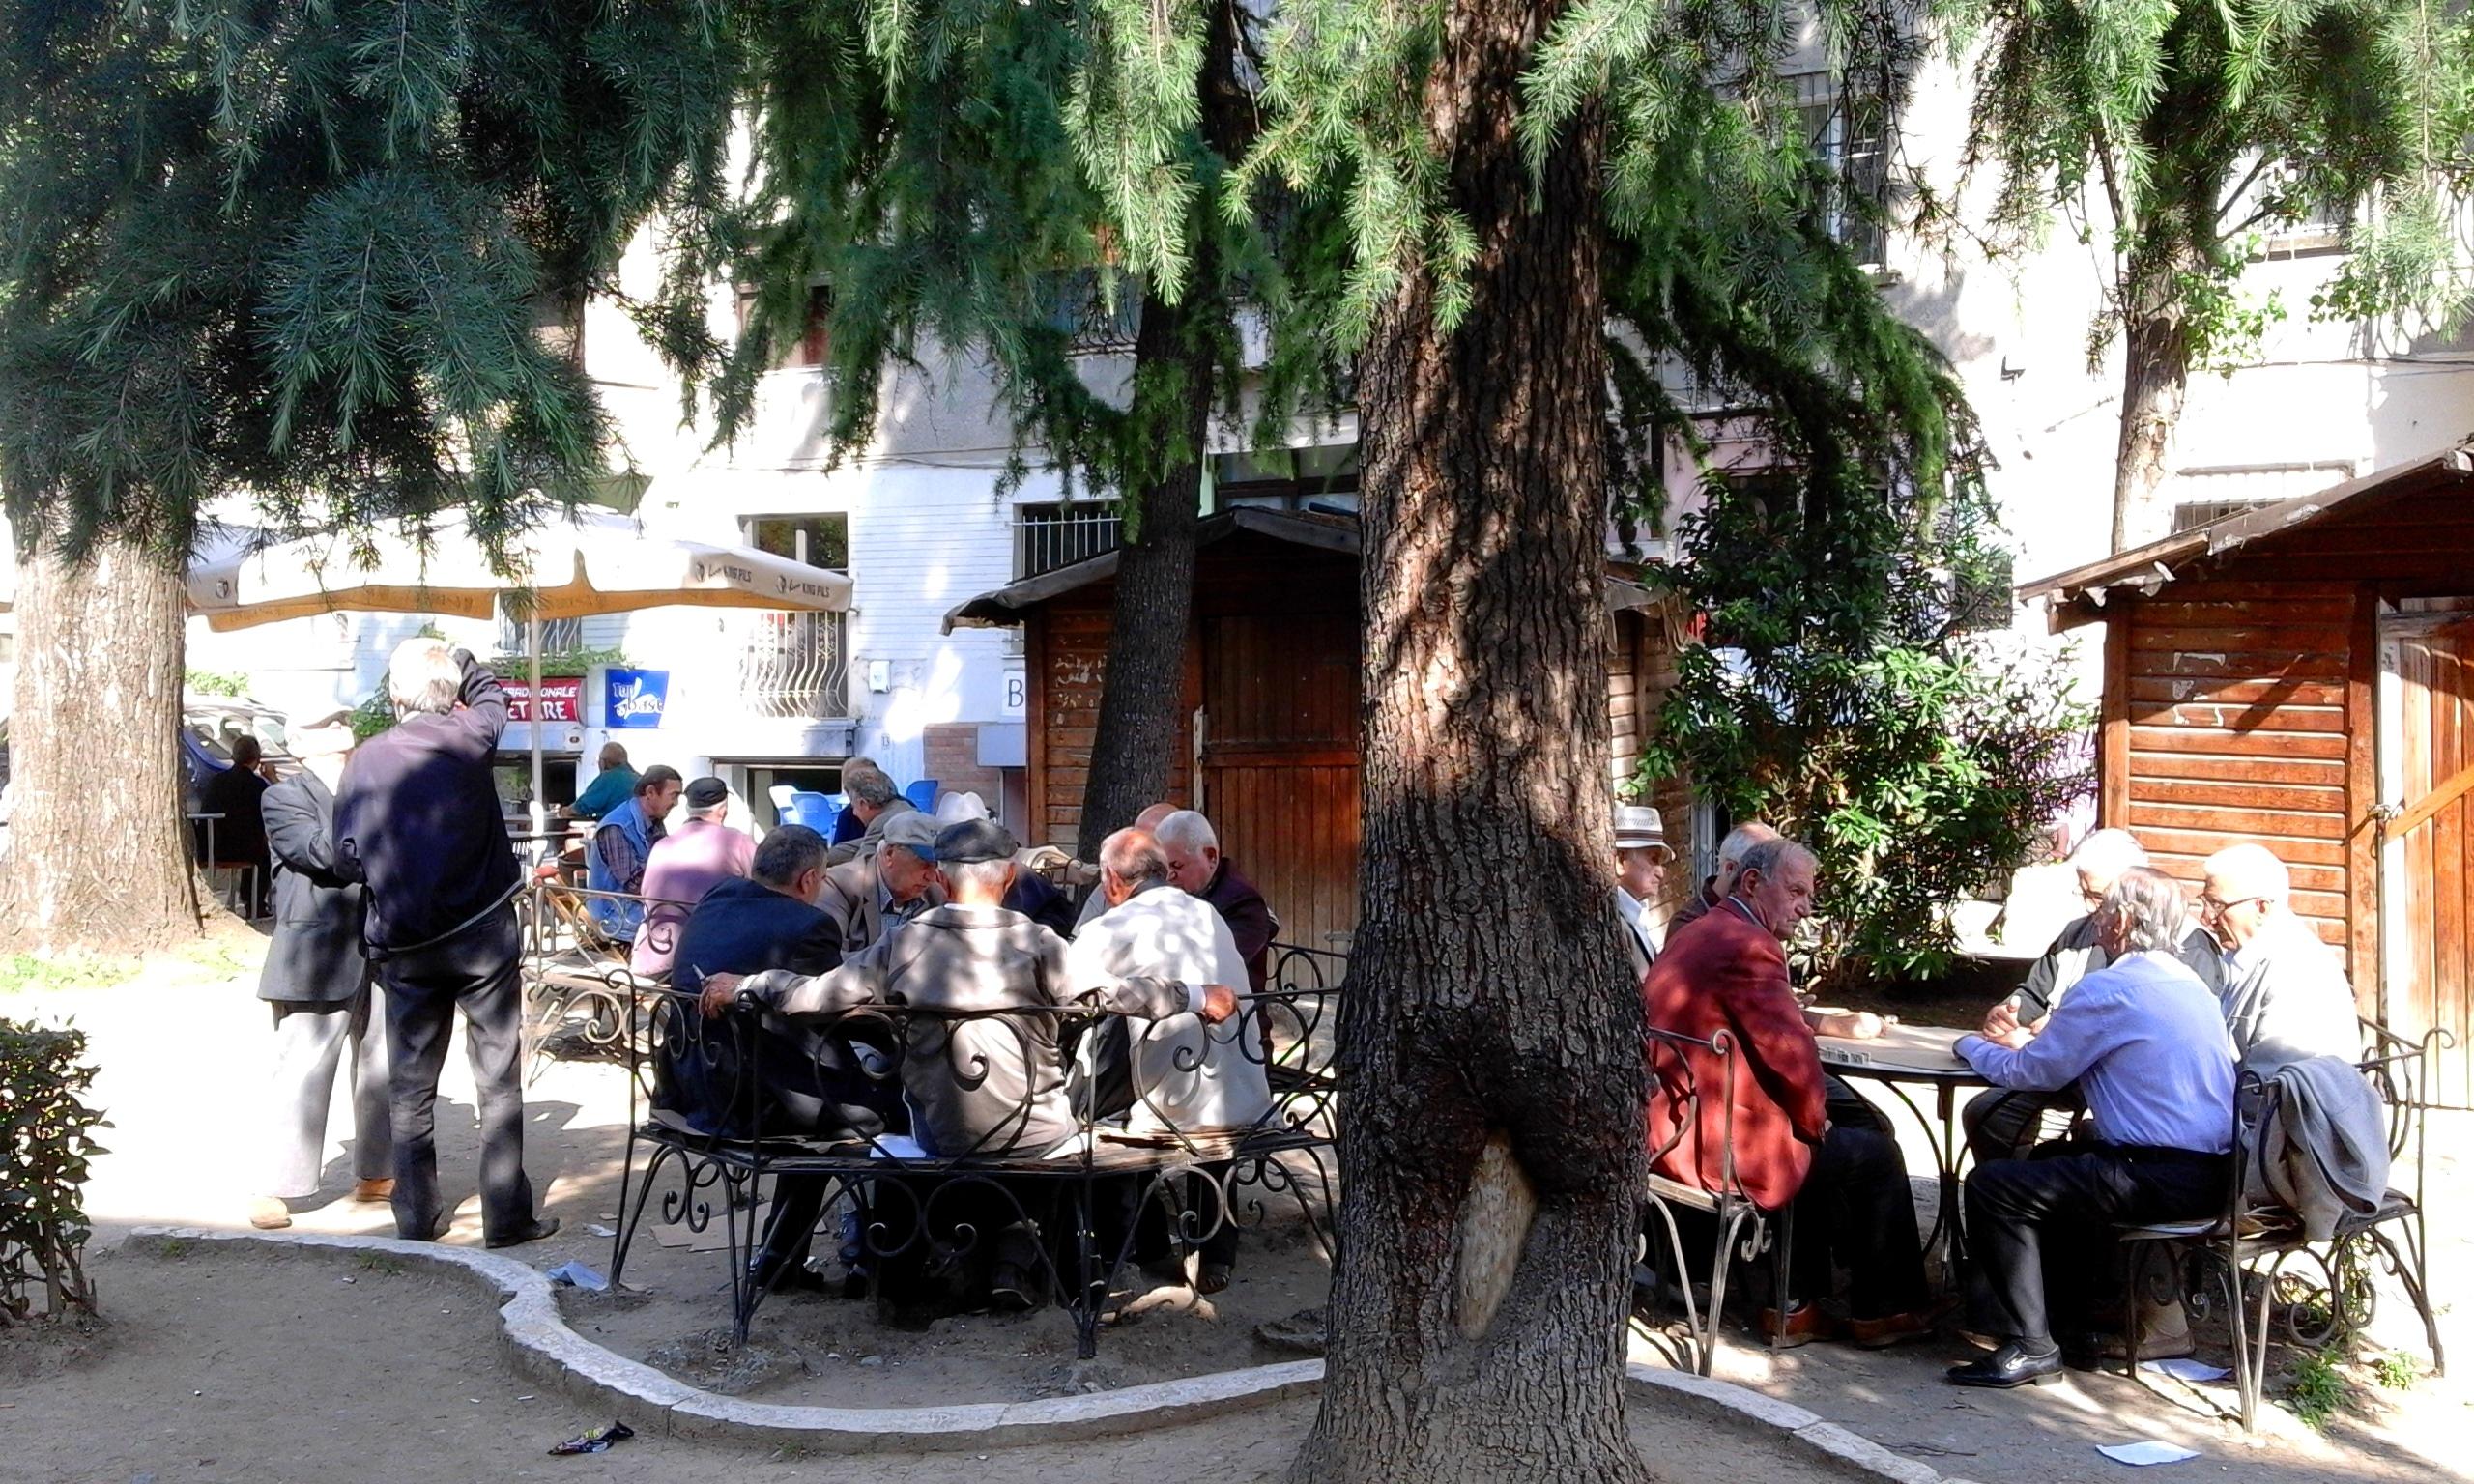 Közösségi élet a parkokban. Az idősek dominóznak, sakkoznak és kártyáznak. (Fotó: Jani haverja)